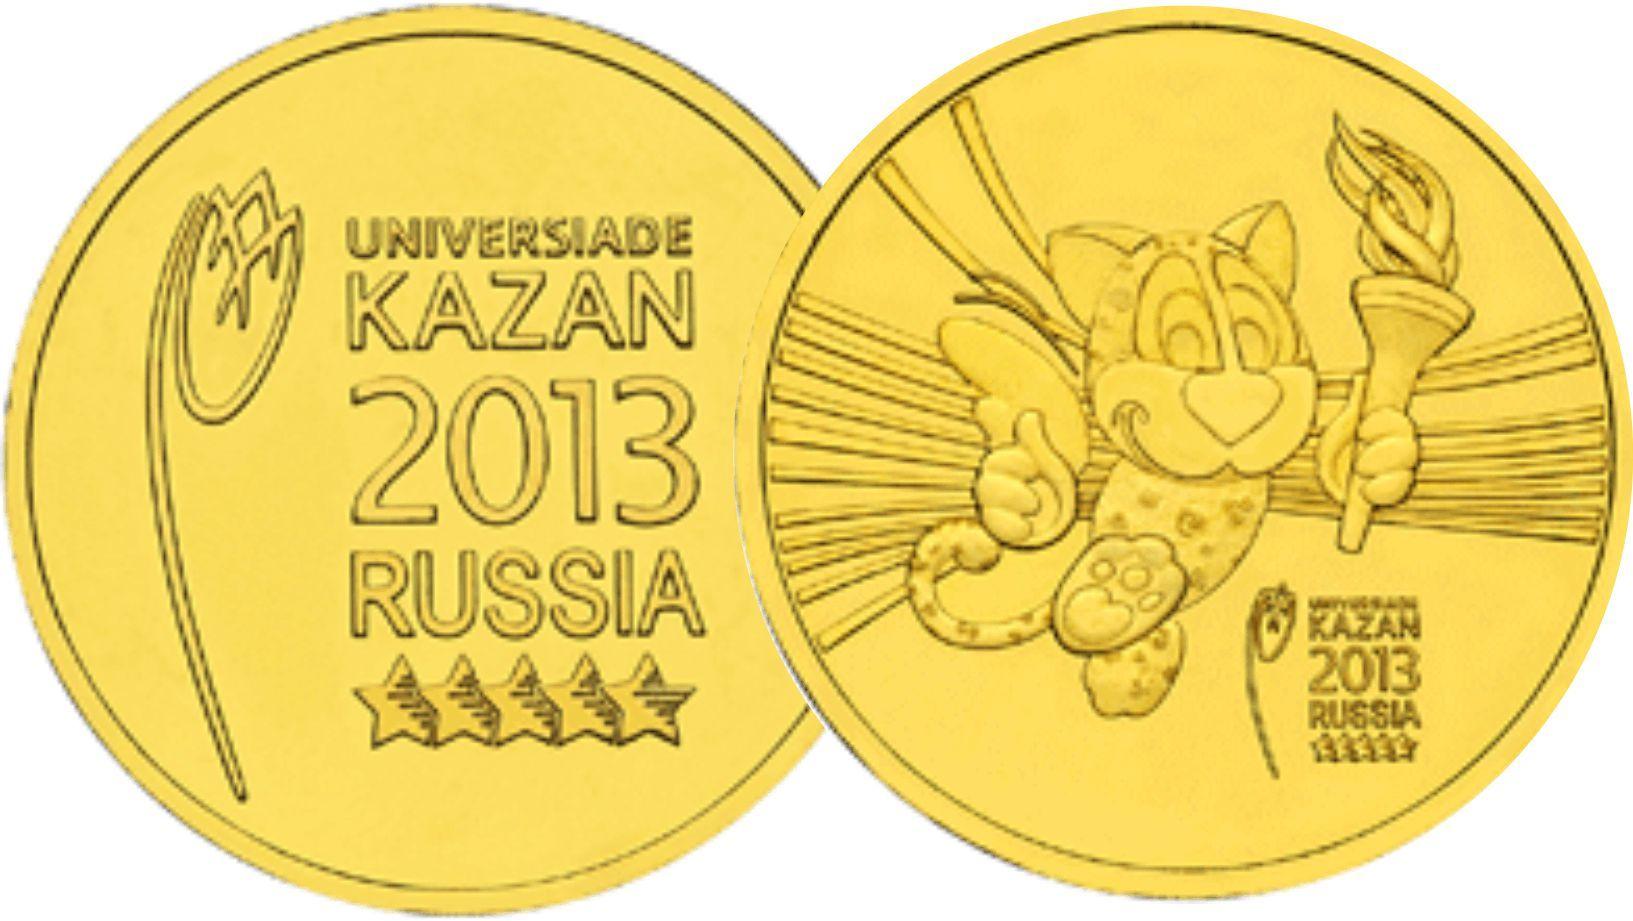 Комплект монет Универсиады 2013 год. (2 шт.) 00026